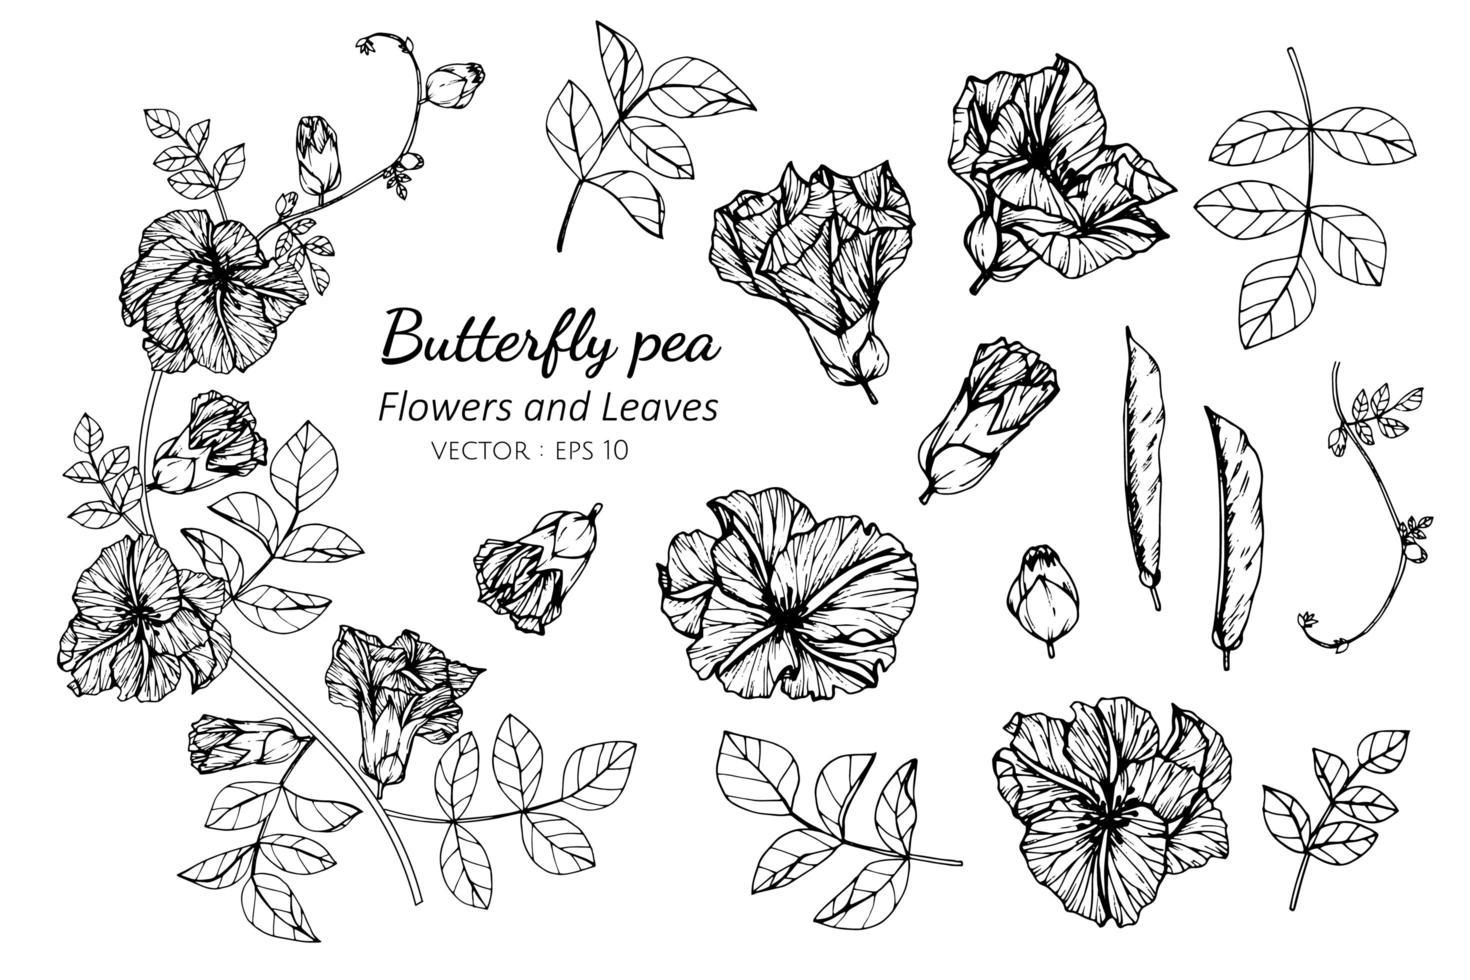 Sammlung von Schmetterlingserbsenblumen und -blättern vektor